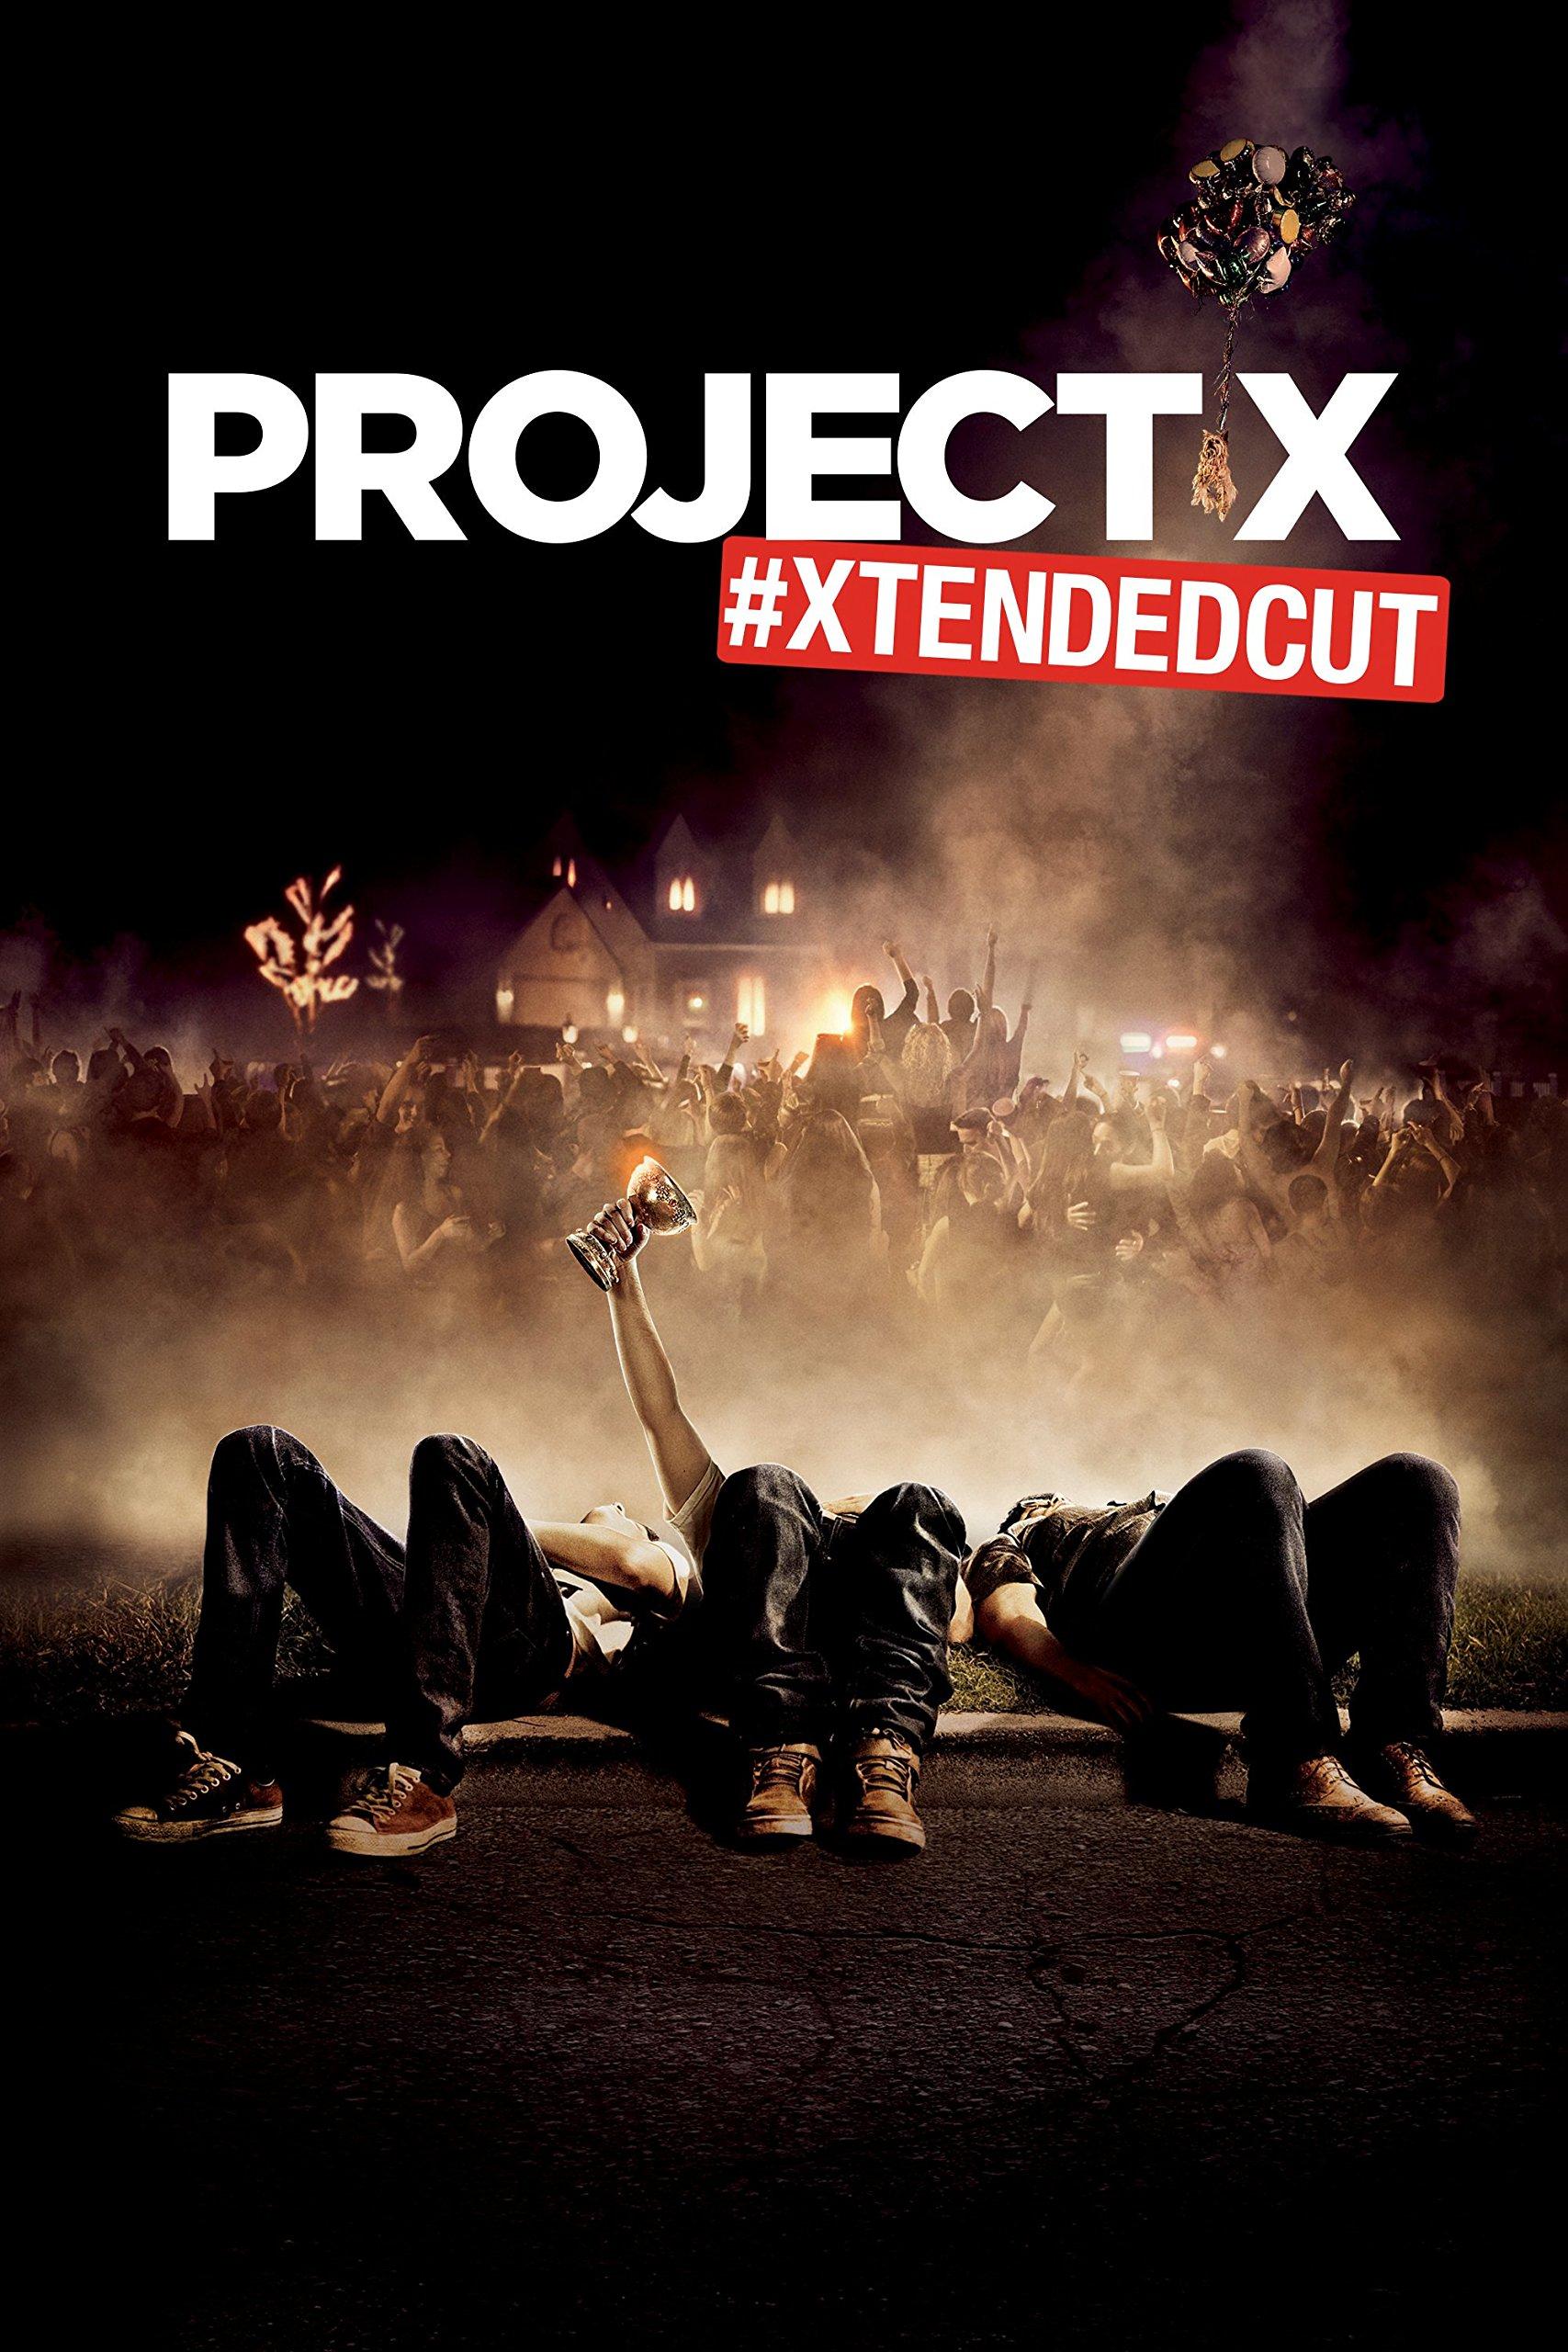 Project X #XTENDEDCUT